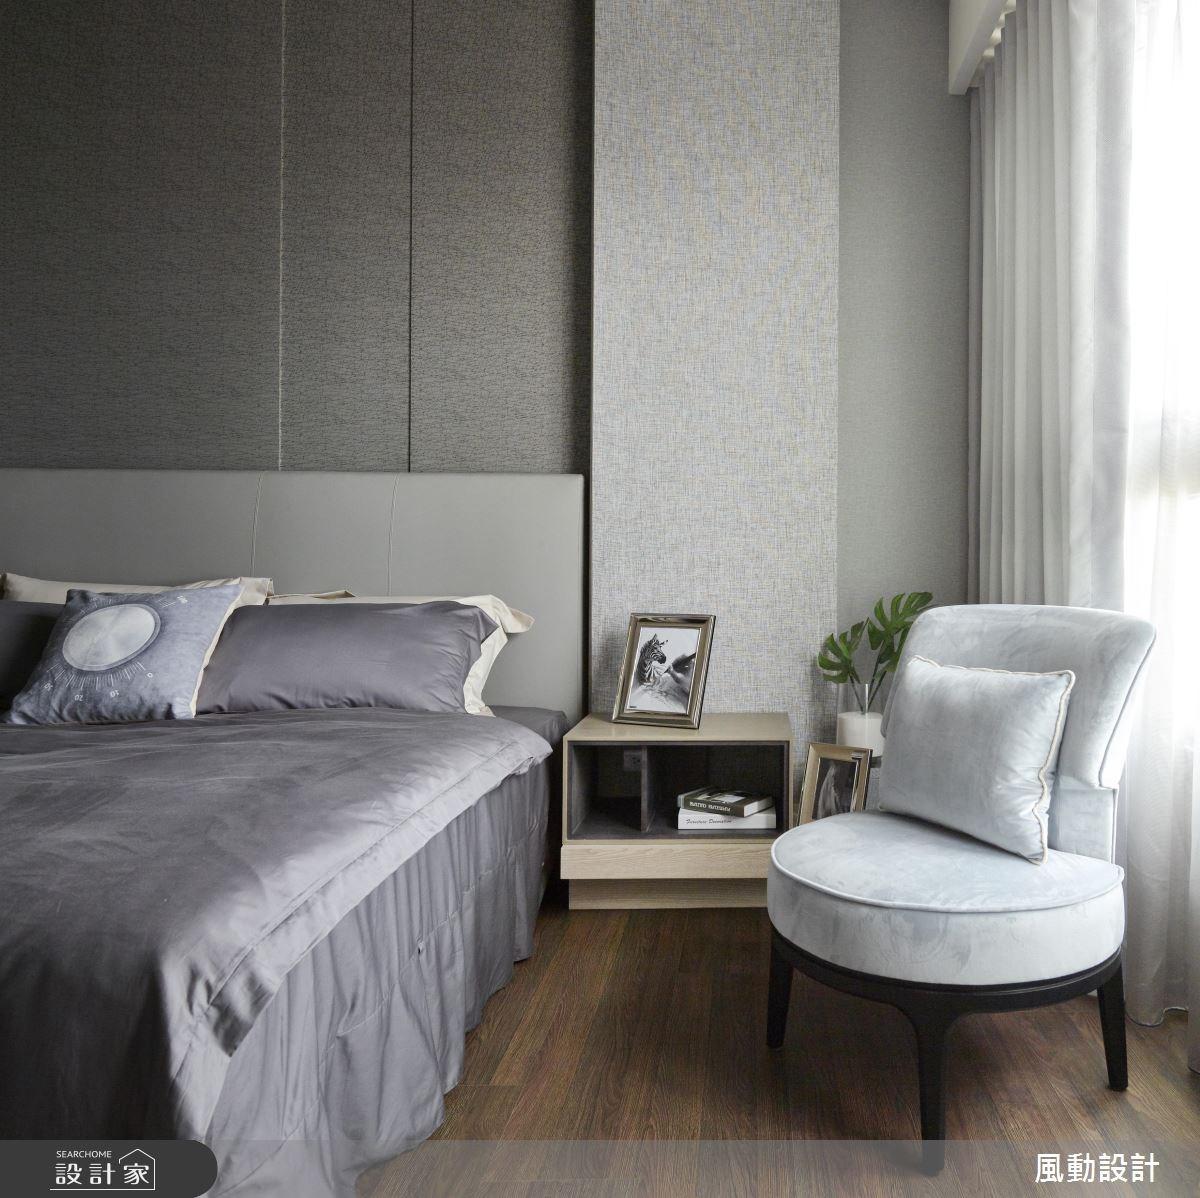 90坪新成屋(5年以下)_現代風臥室案例圖片_風動設計有限公司_風動_10之8